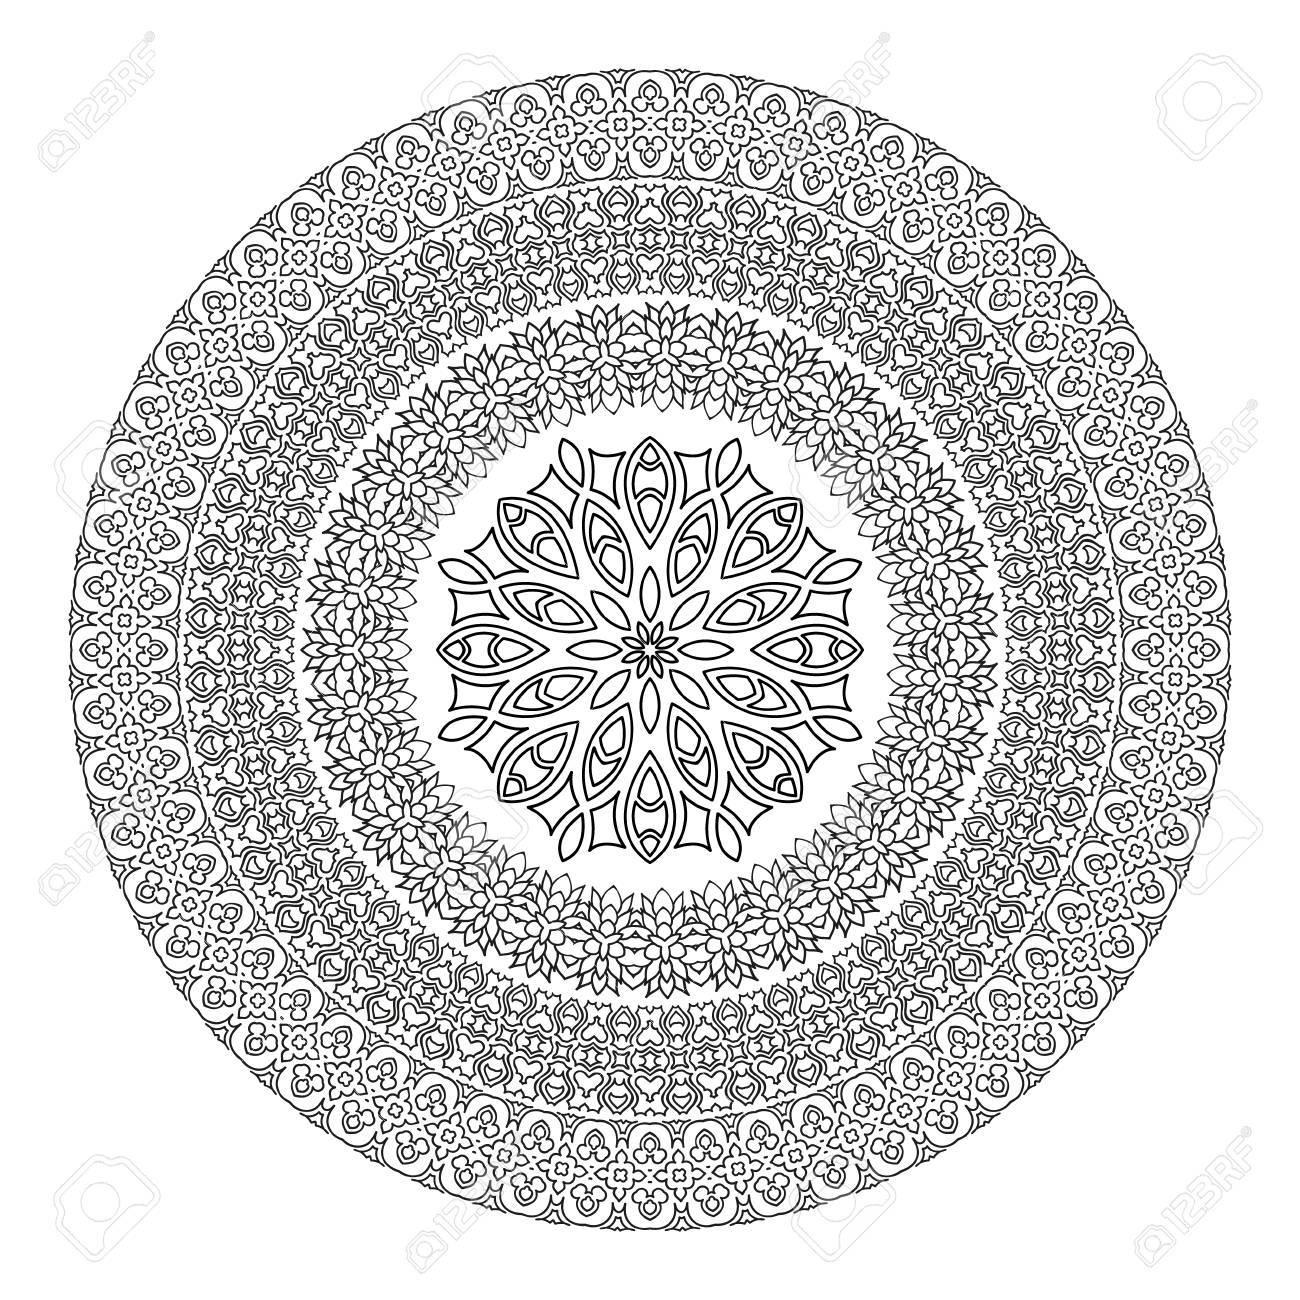 Mandala De La Flor Por Un Libro Para Colorear Blanco Y Negro étnica Henna Patternvintage Elementsislam Decorativa árabe Pakistán India